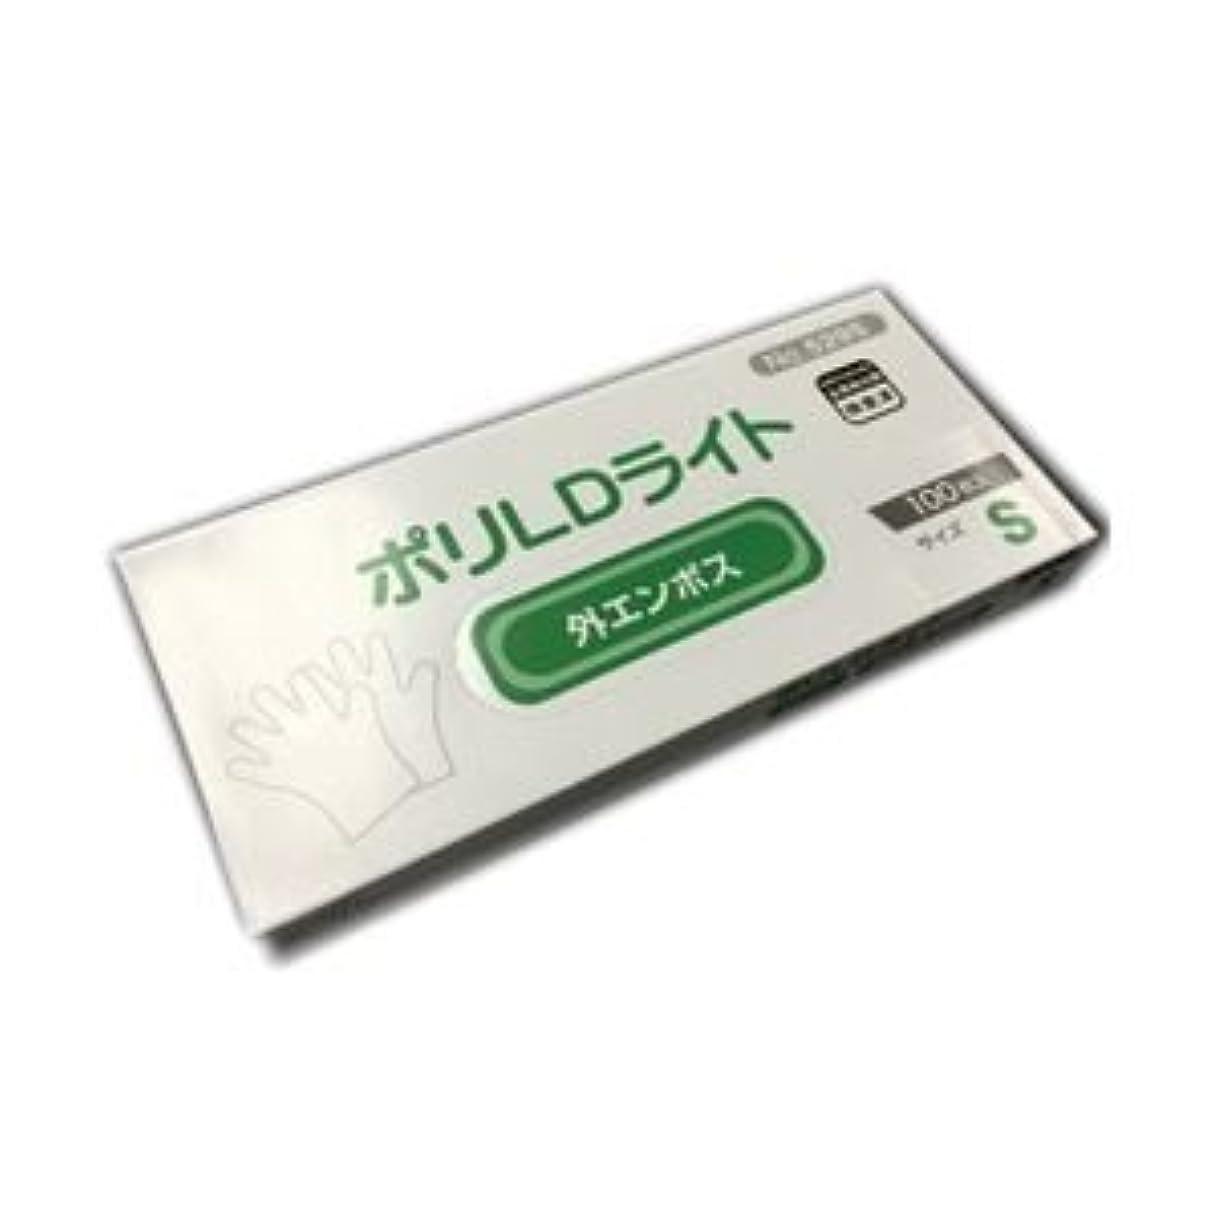 バースト縁石ブルーベル(業務用セット) オカモト 低密度ポリエチレン手袋 ポリLDライト S 1箱(100枚) 【×20セット】